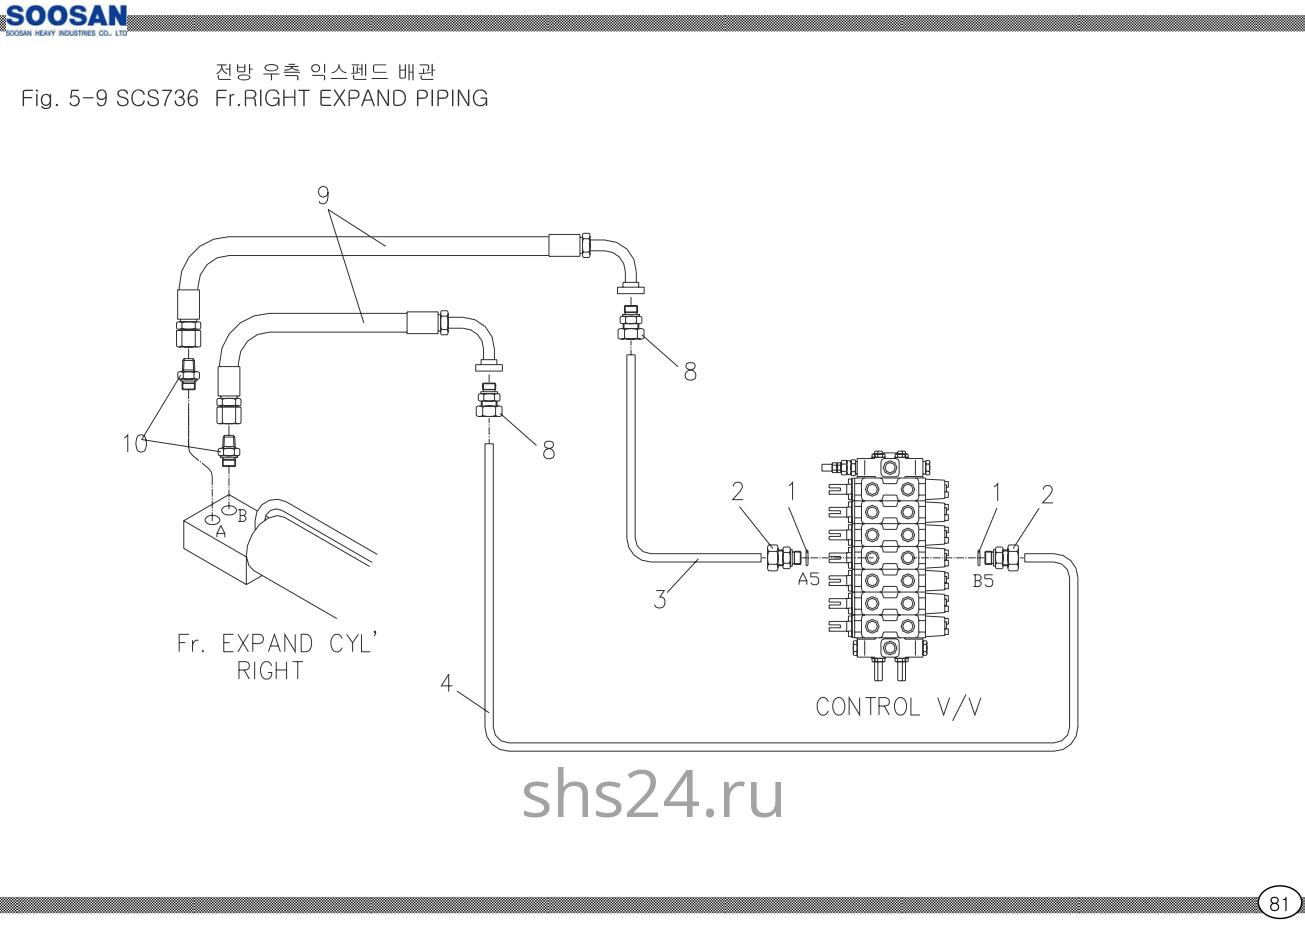 Схема подключения правого гидроцилиндра выдвижения лапы Soosan SCS 736